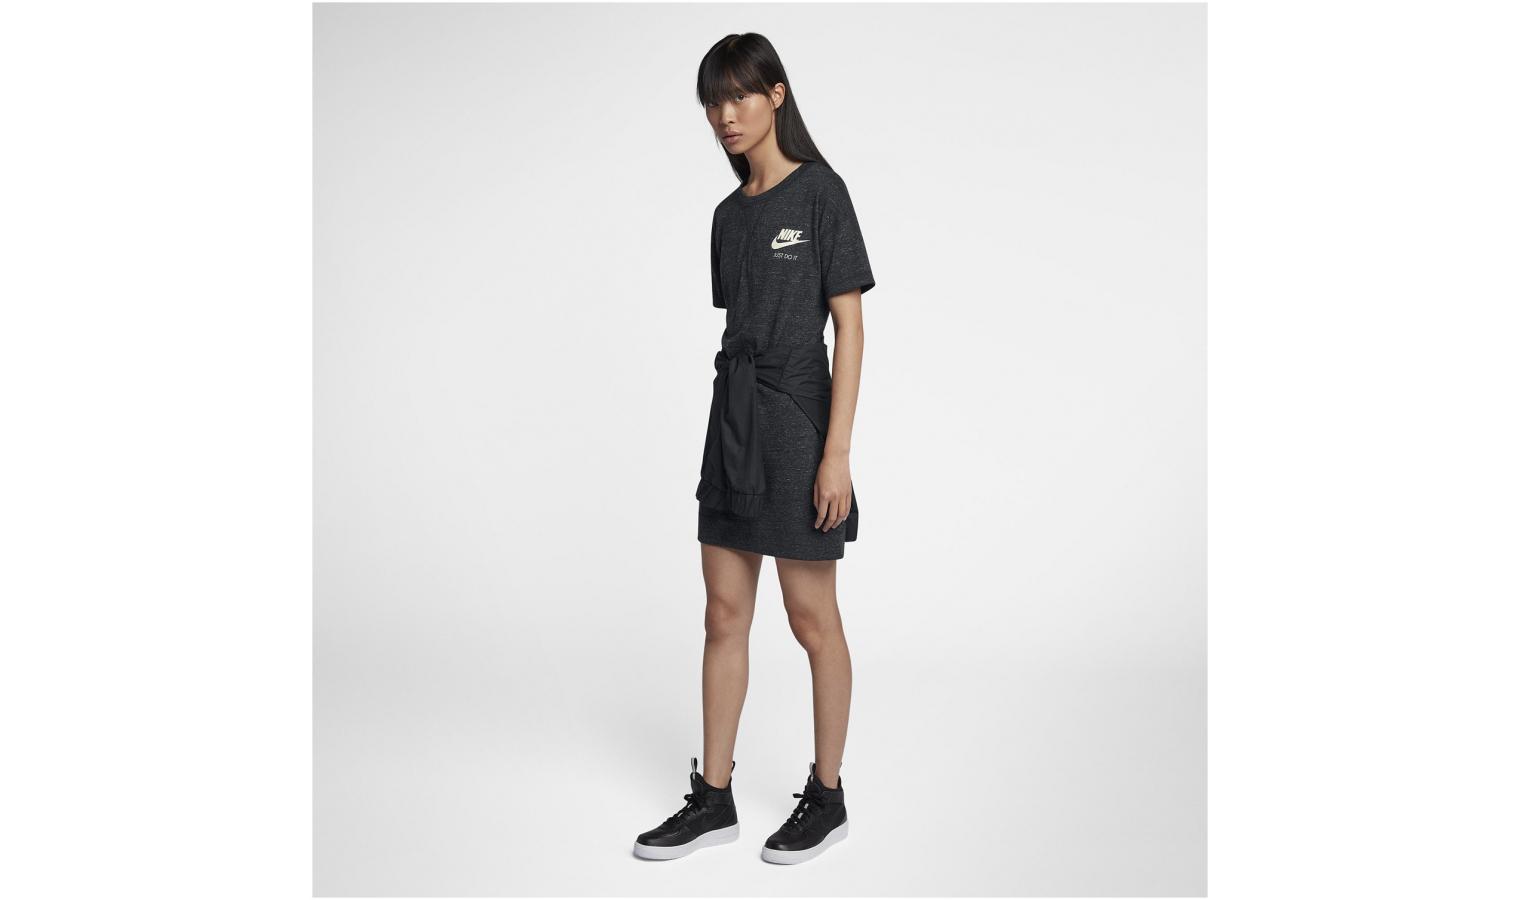 bd05535c7530 Dámské šaty Nike W NSW GYM VNTG DRESS W